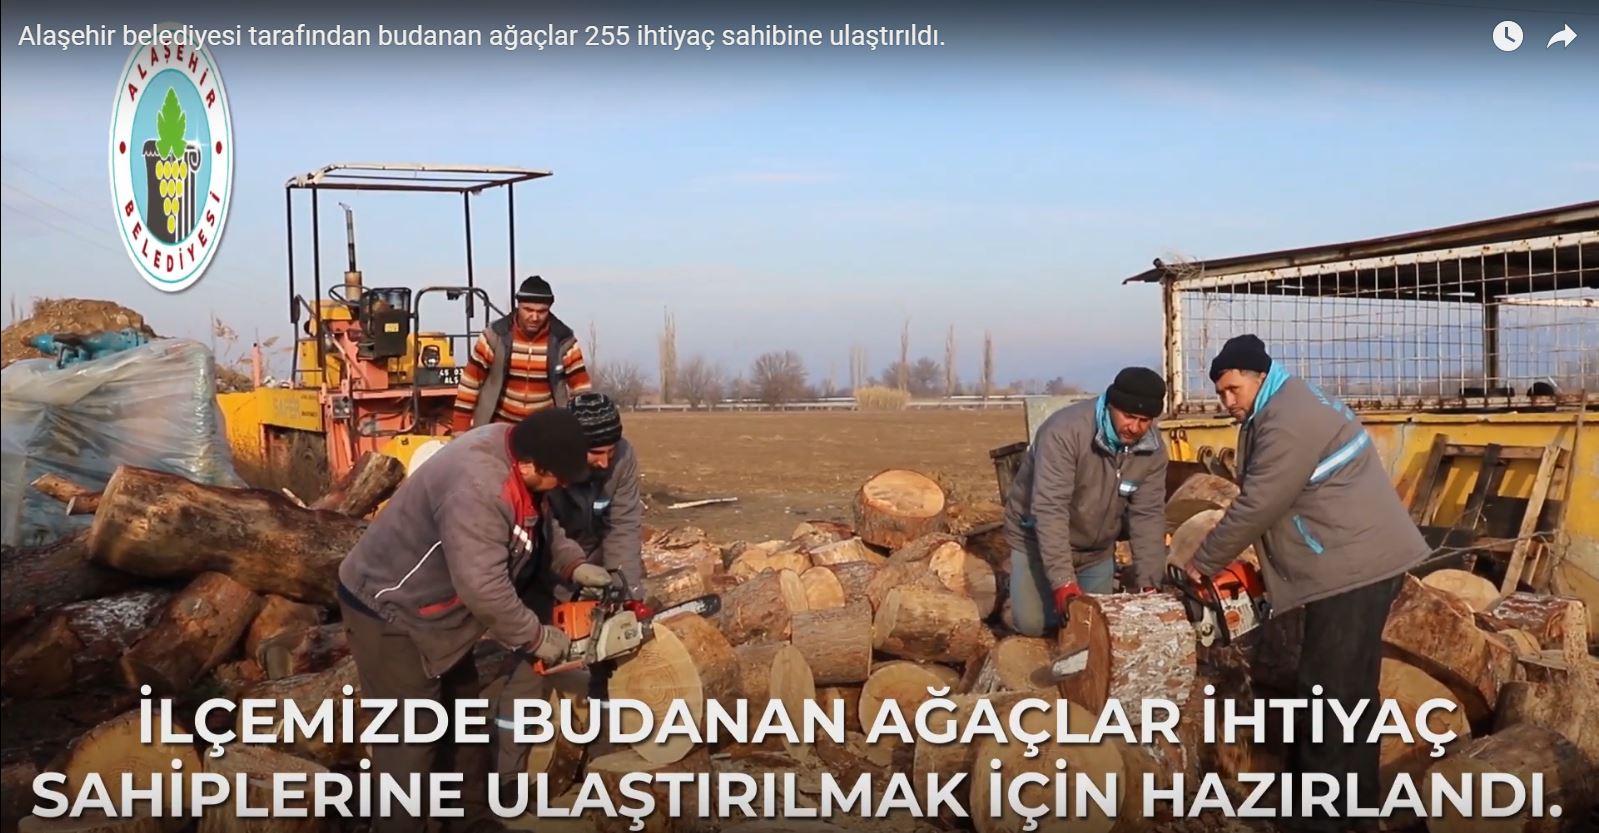 255 İhtiyaç Sahibine Budanan Ağaçlar Ulaştırıldı